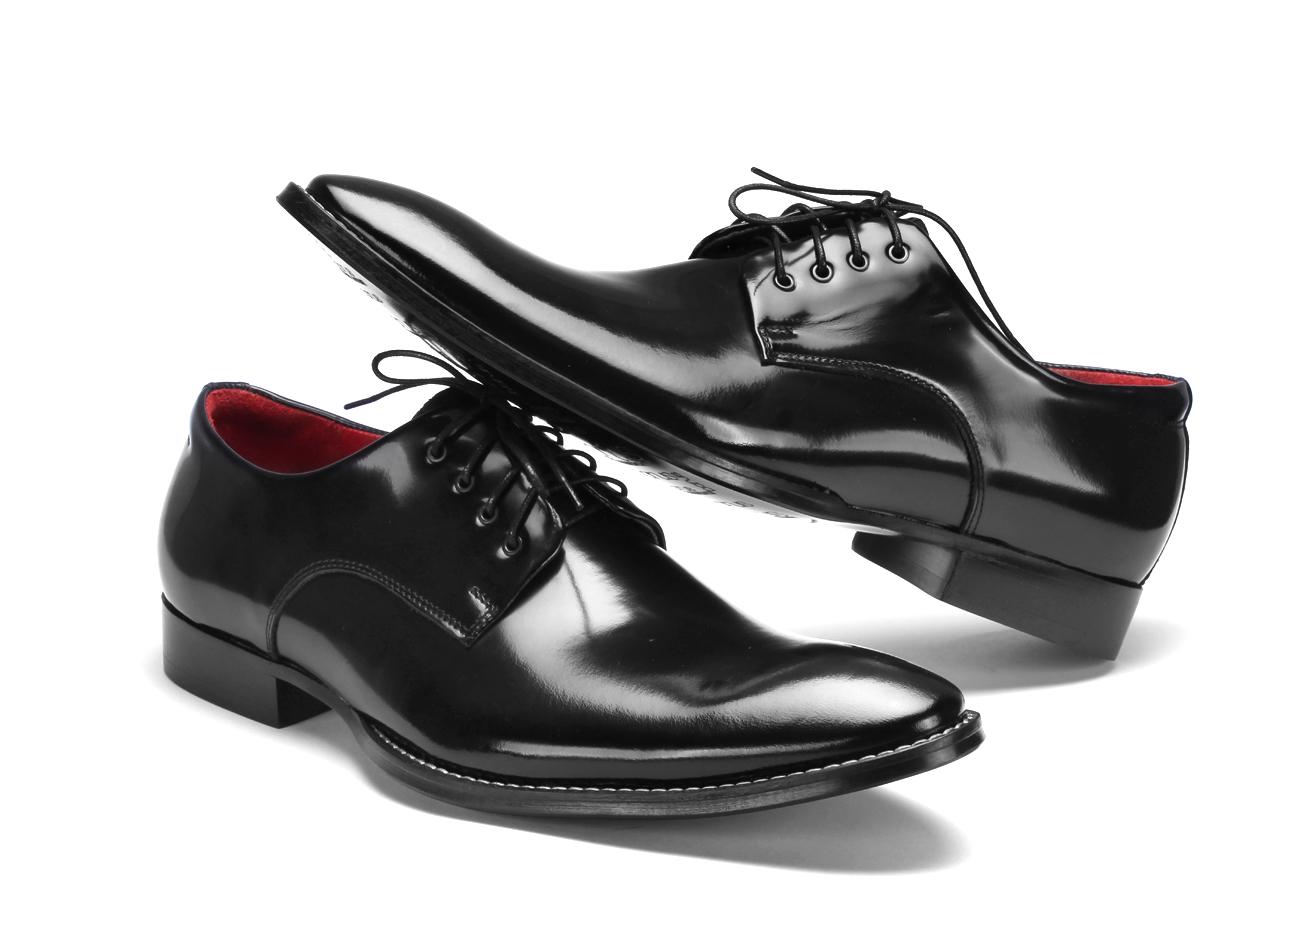 7f30def6f8 TOPOBUV - Pánska spoločenská obuv 514 01 Nero florentic